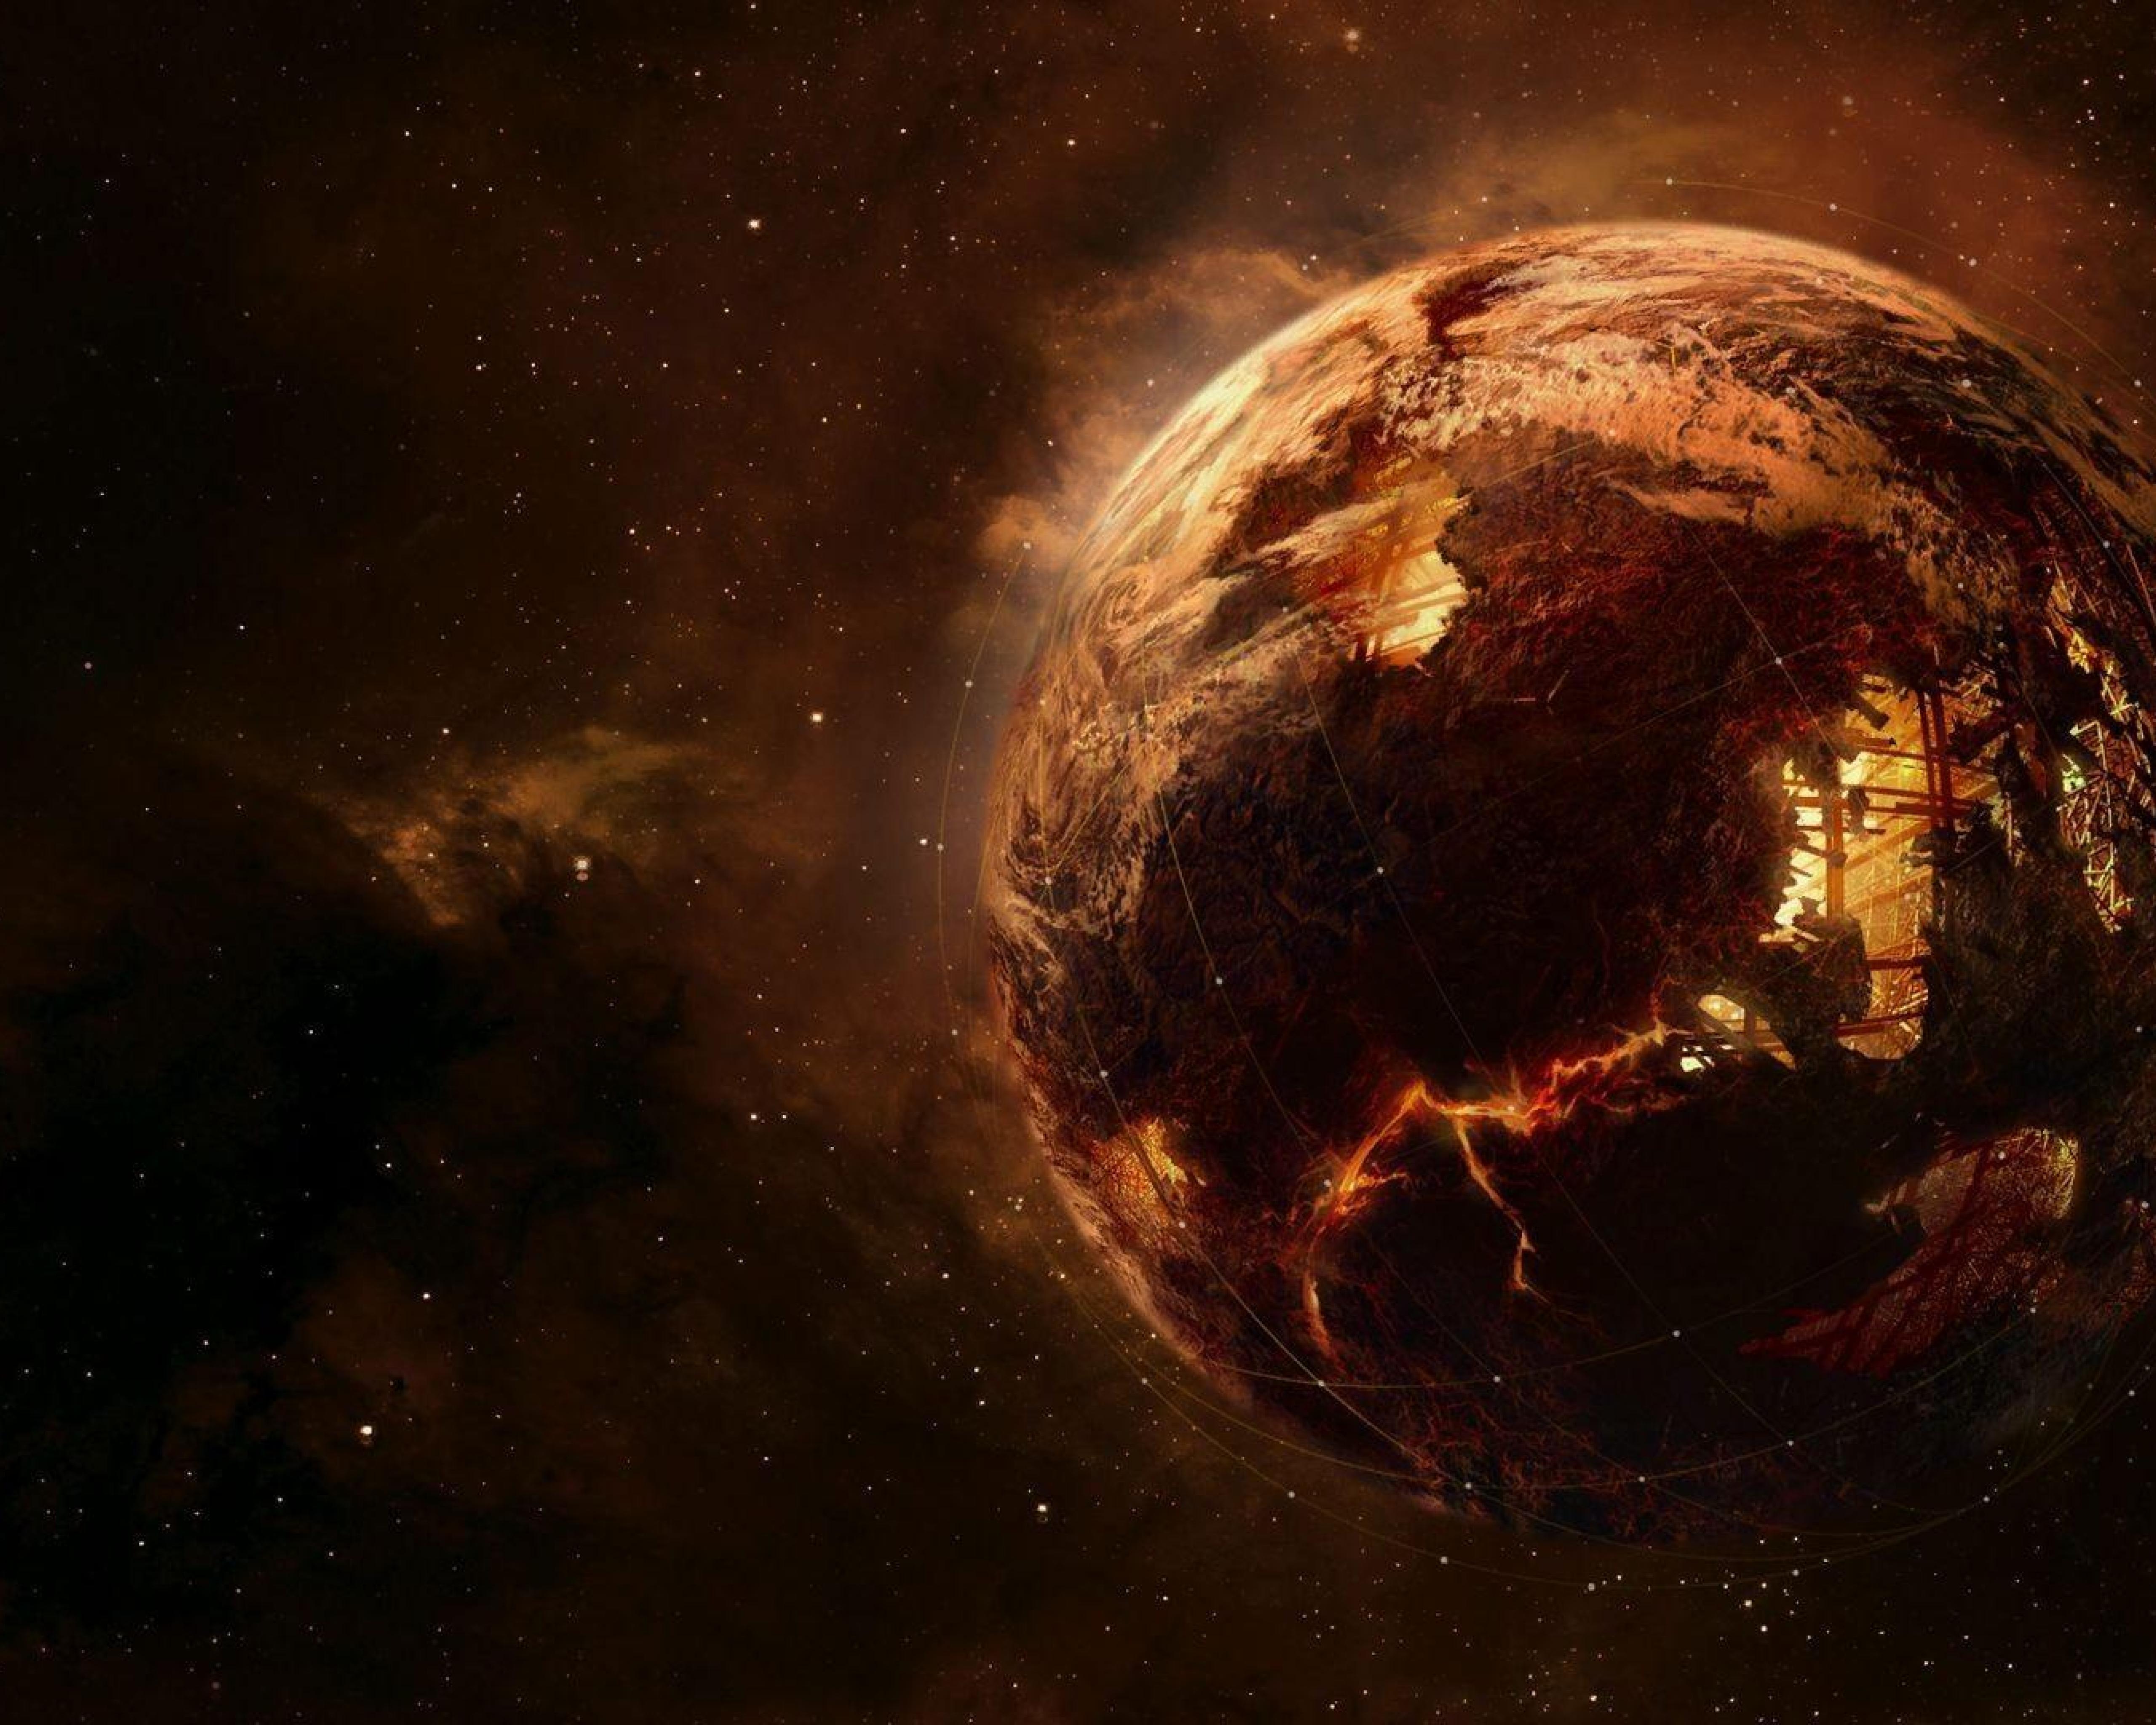 Обои планета замля космос картинки на рабочий стол на тему Космос - скачать  № 3557406 загрузить